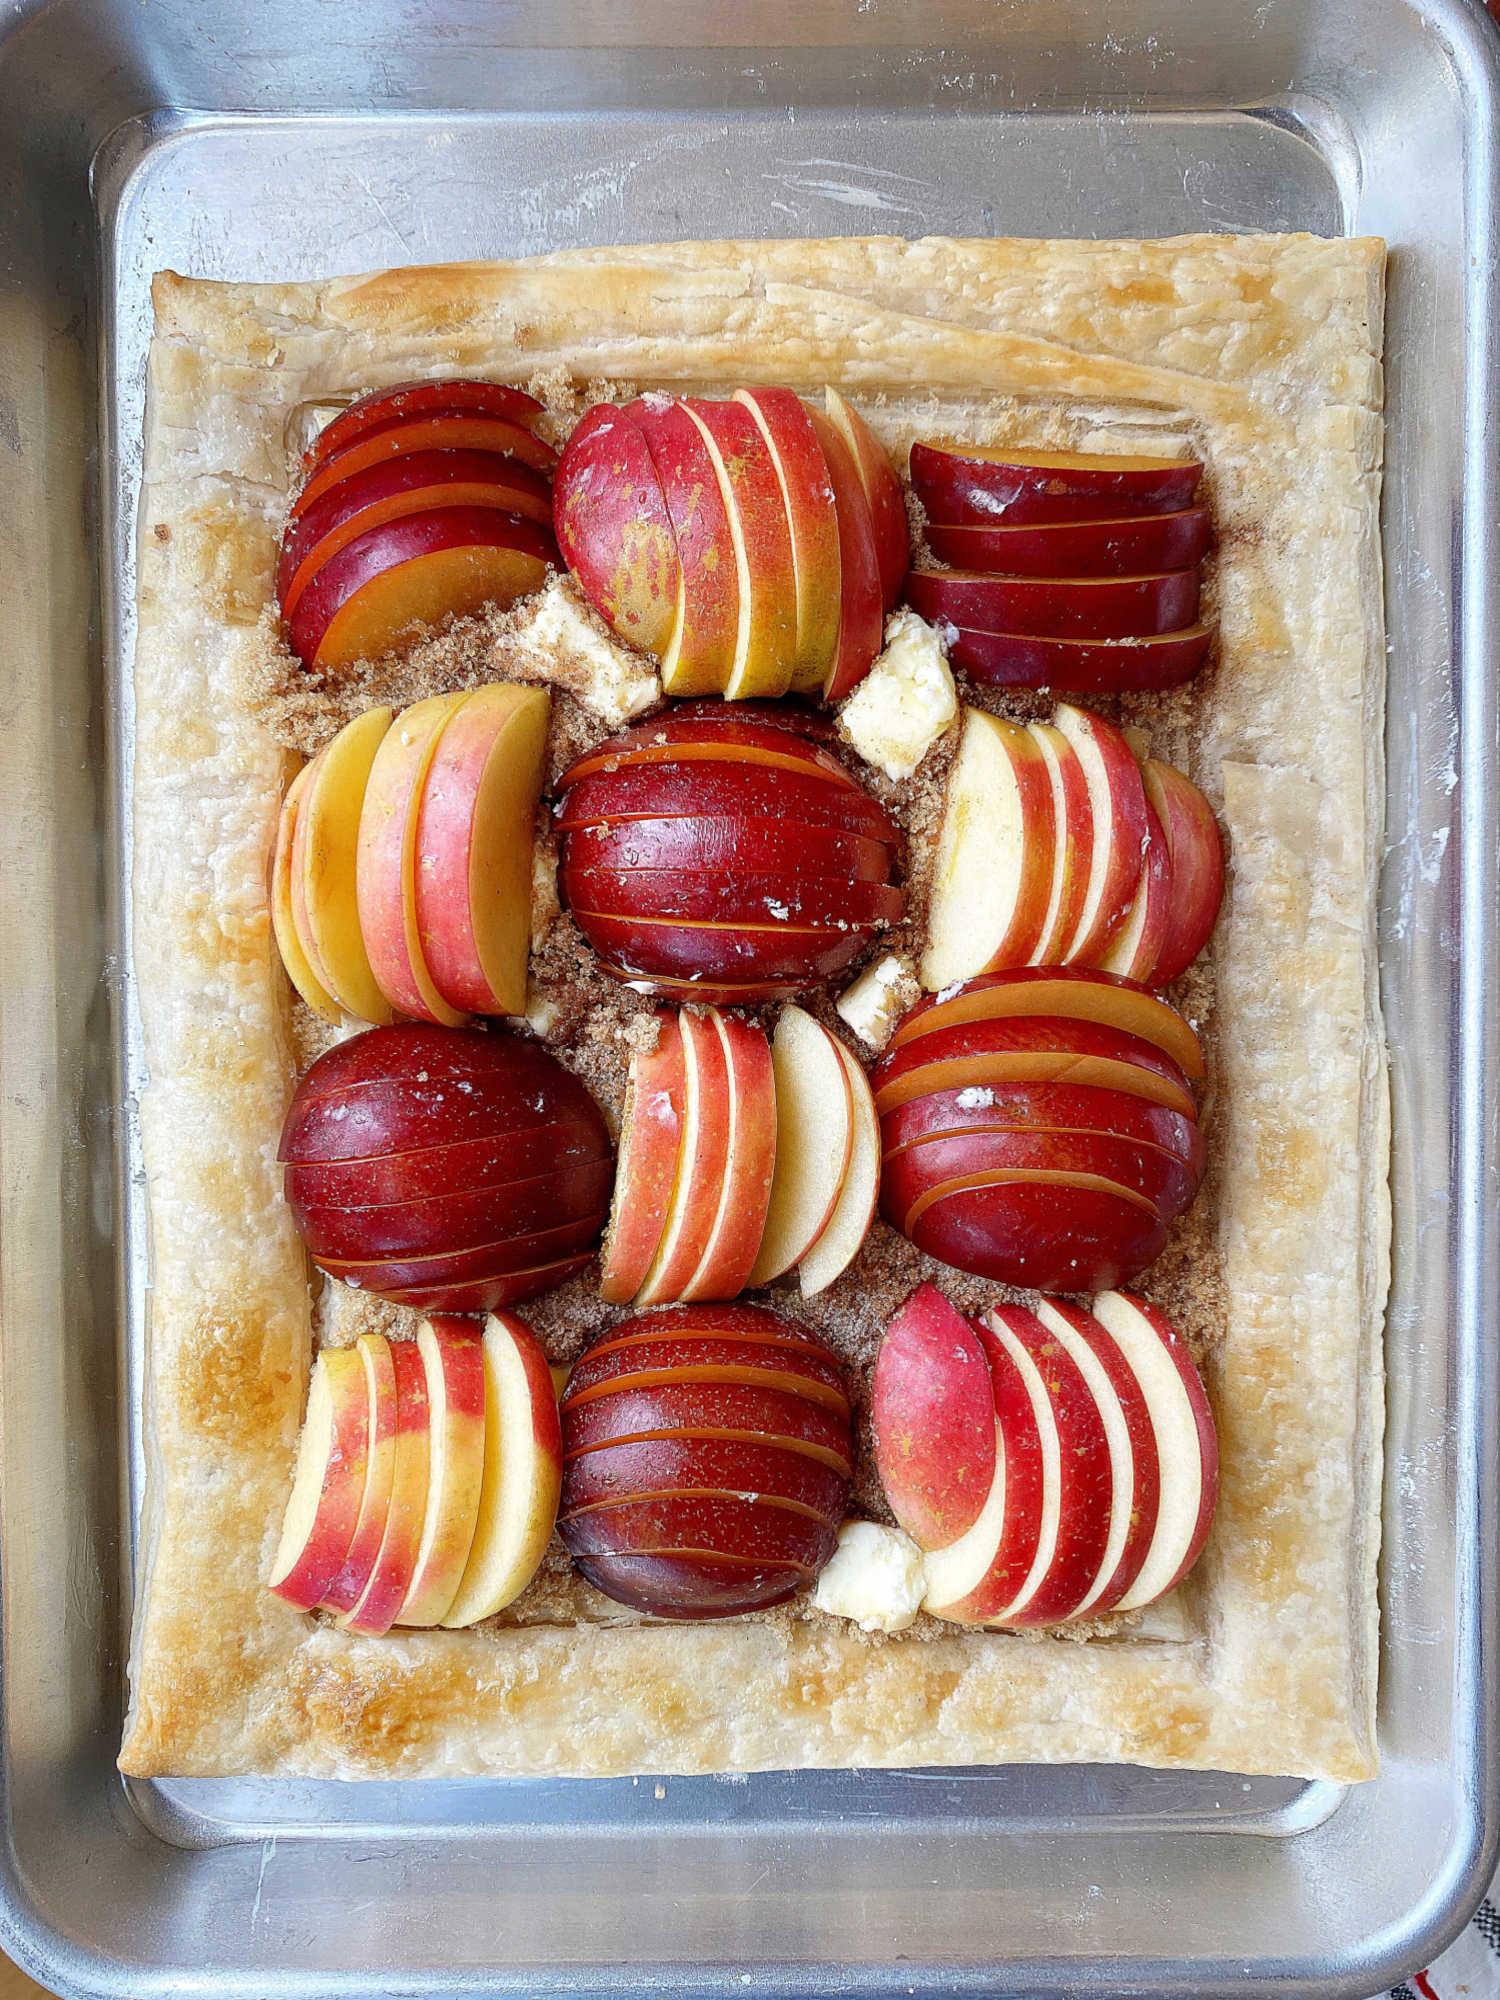 pre-baked tart